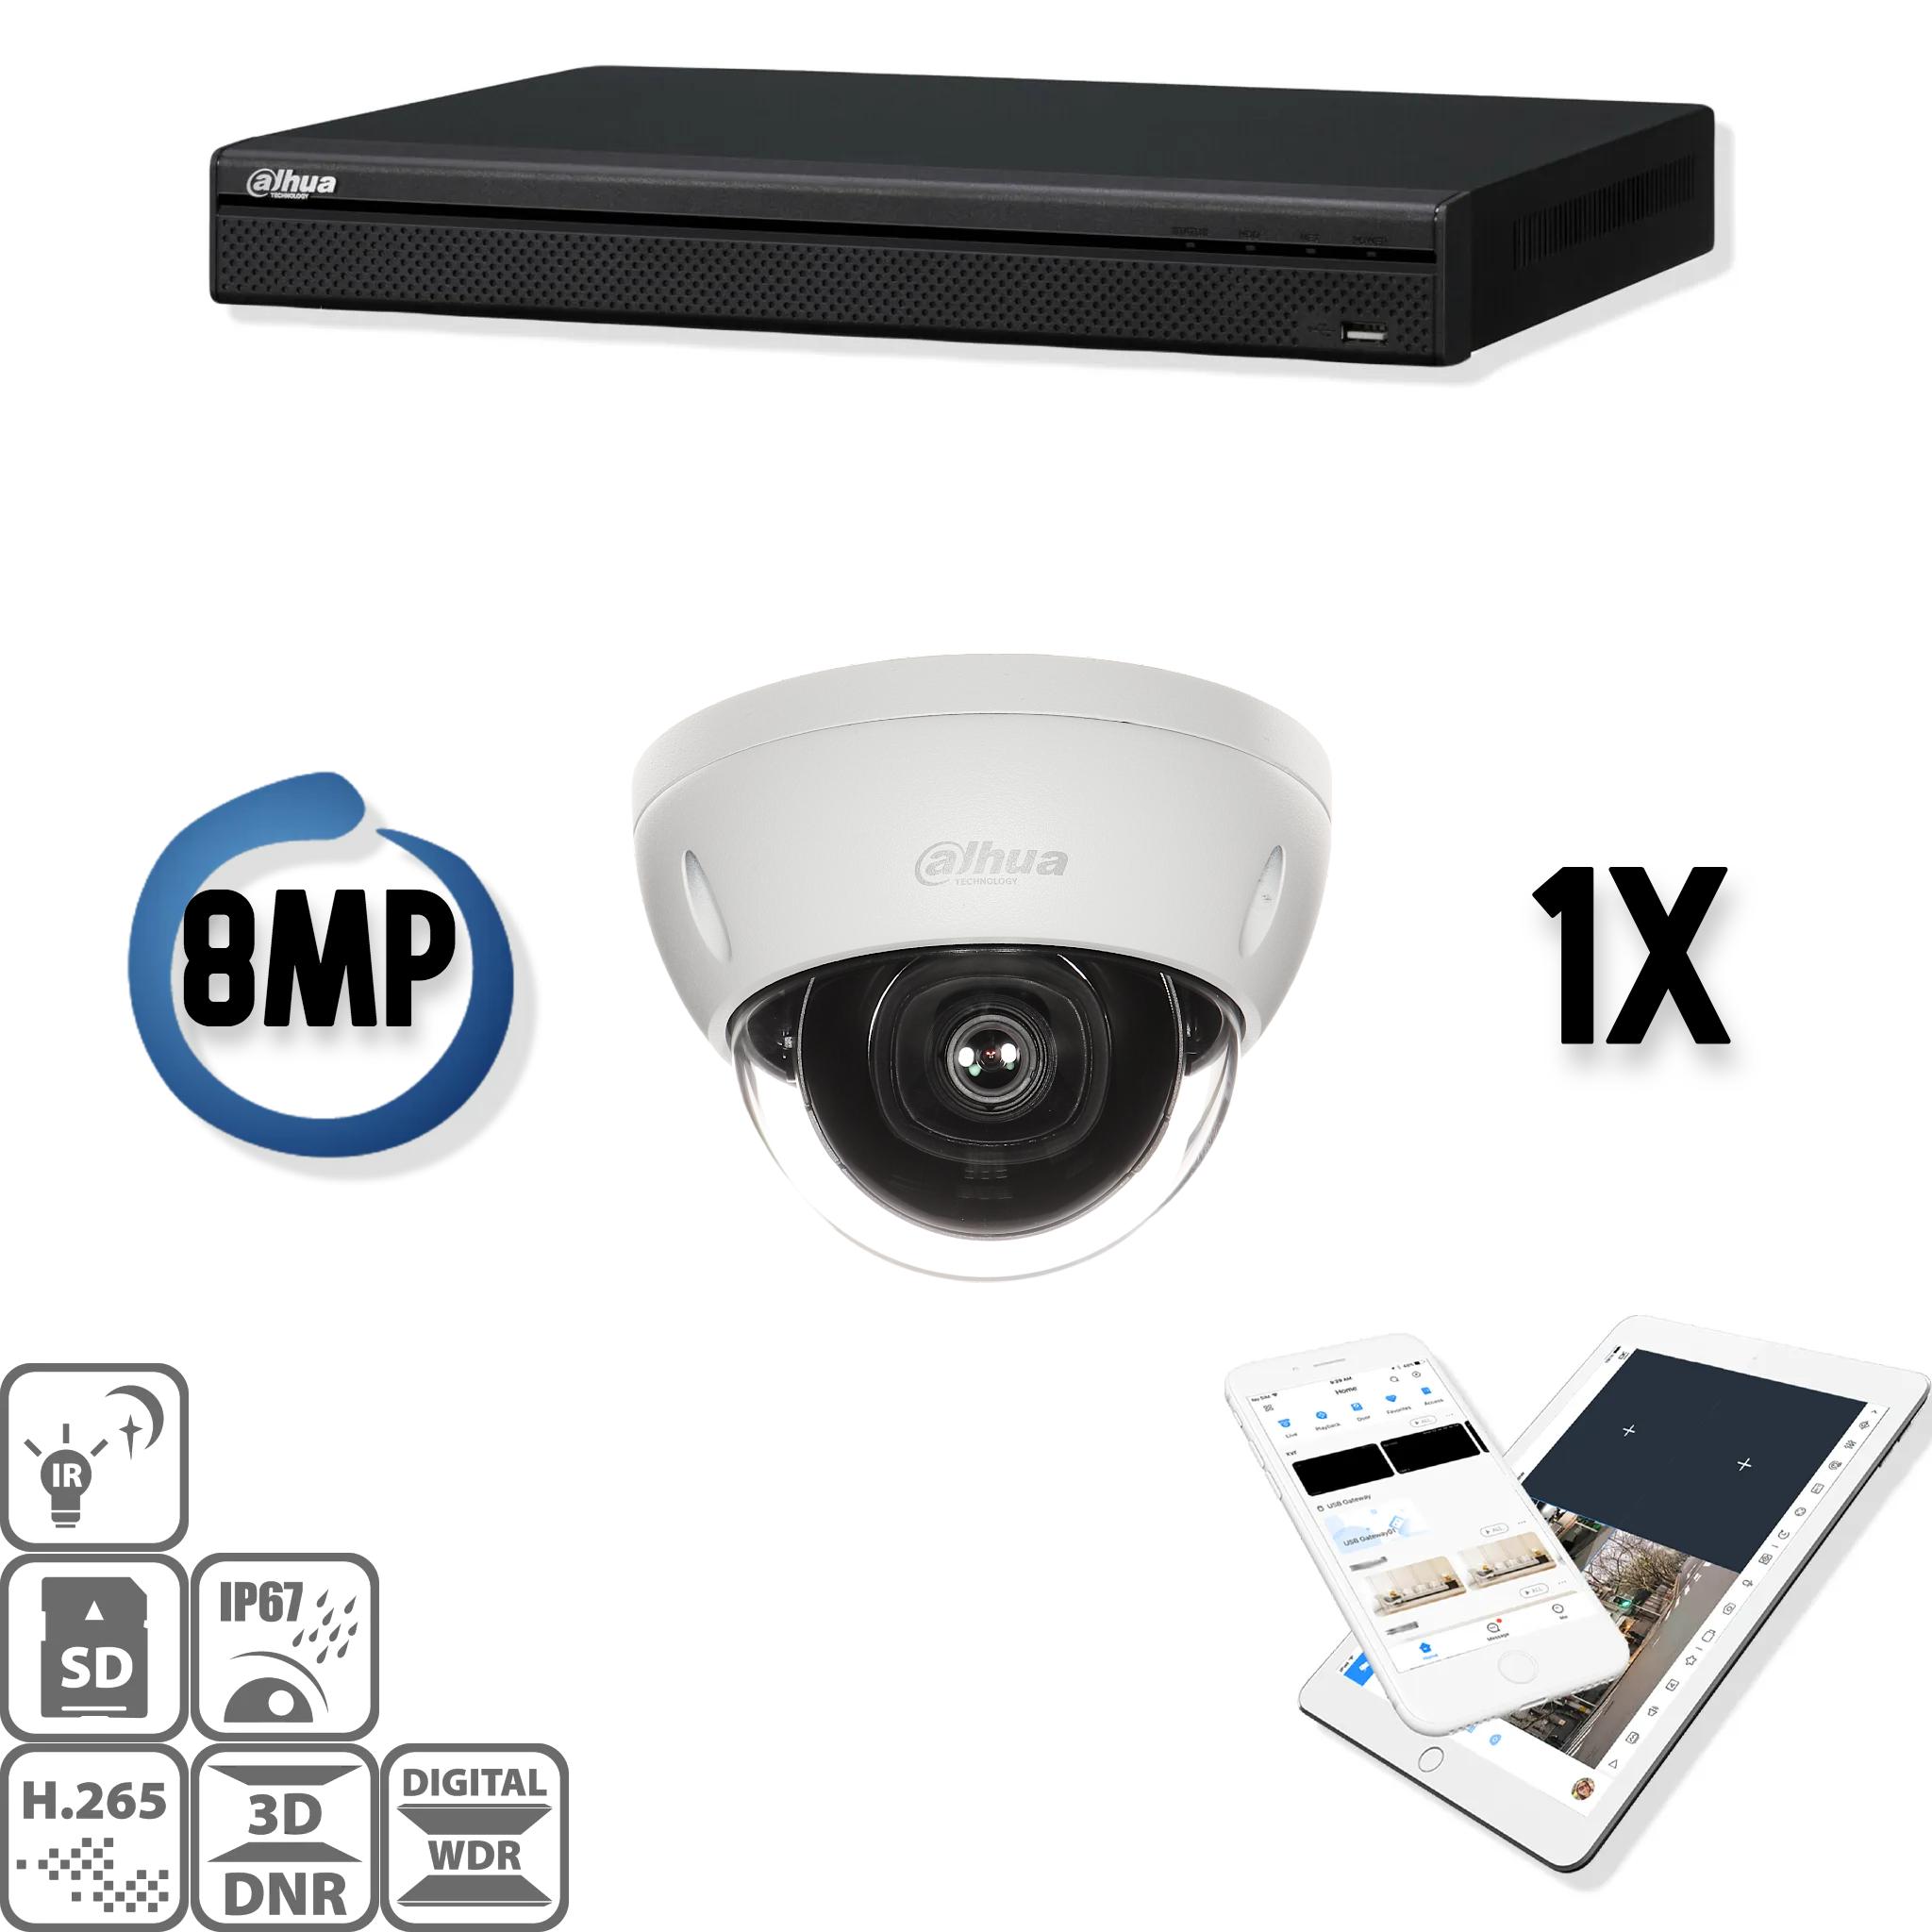 O conjunto de segurança da câmera Dahua IP 1x dome 8mp Ultra HD contém 1 câmera IP dome, que são adequadas para uso interno ou externo. A câmera possui qualidade de imagem Ultra HD com LEDs IR para uma visão perfeita no escuro. Este conjunto de câmeras HD